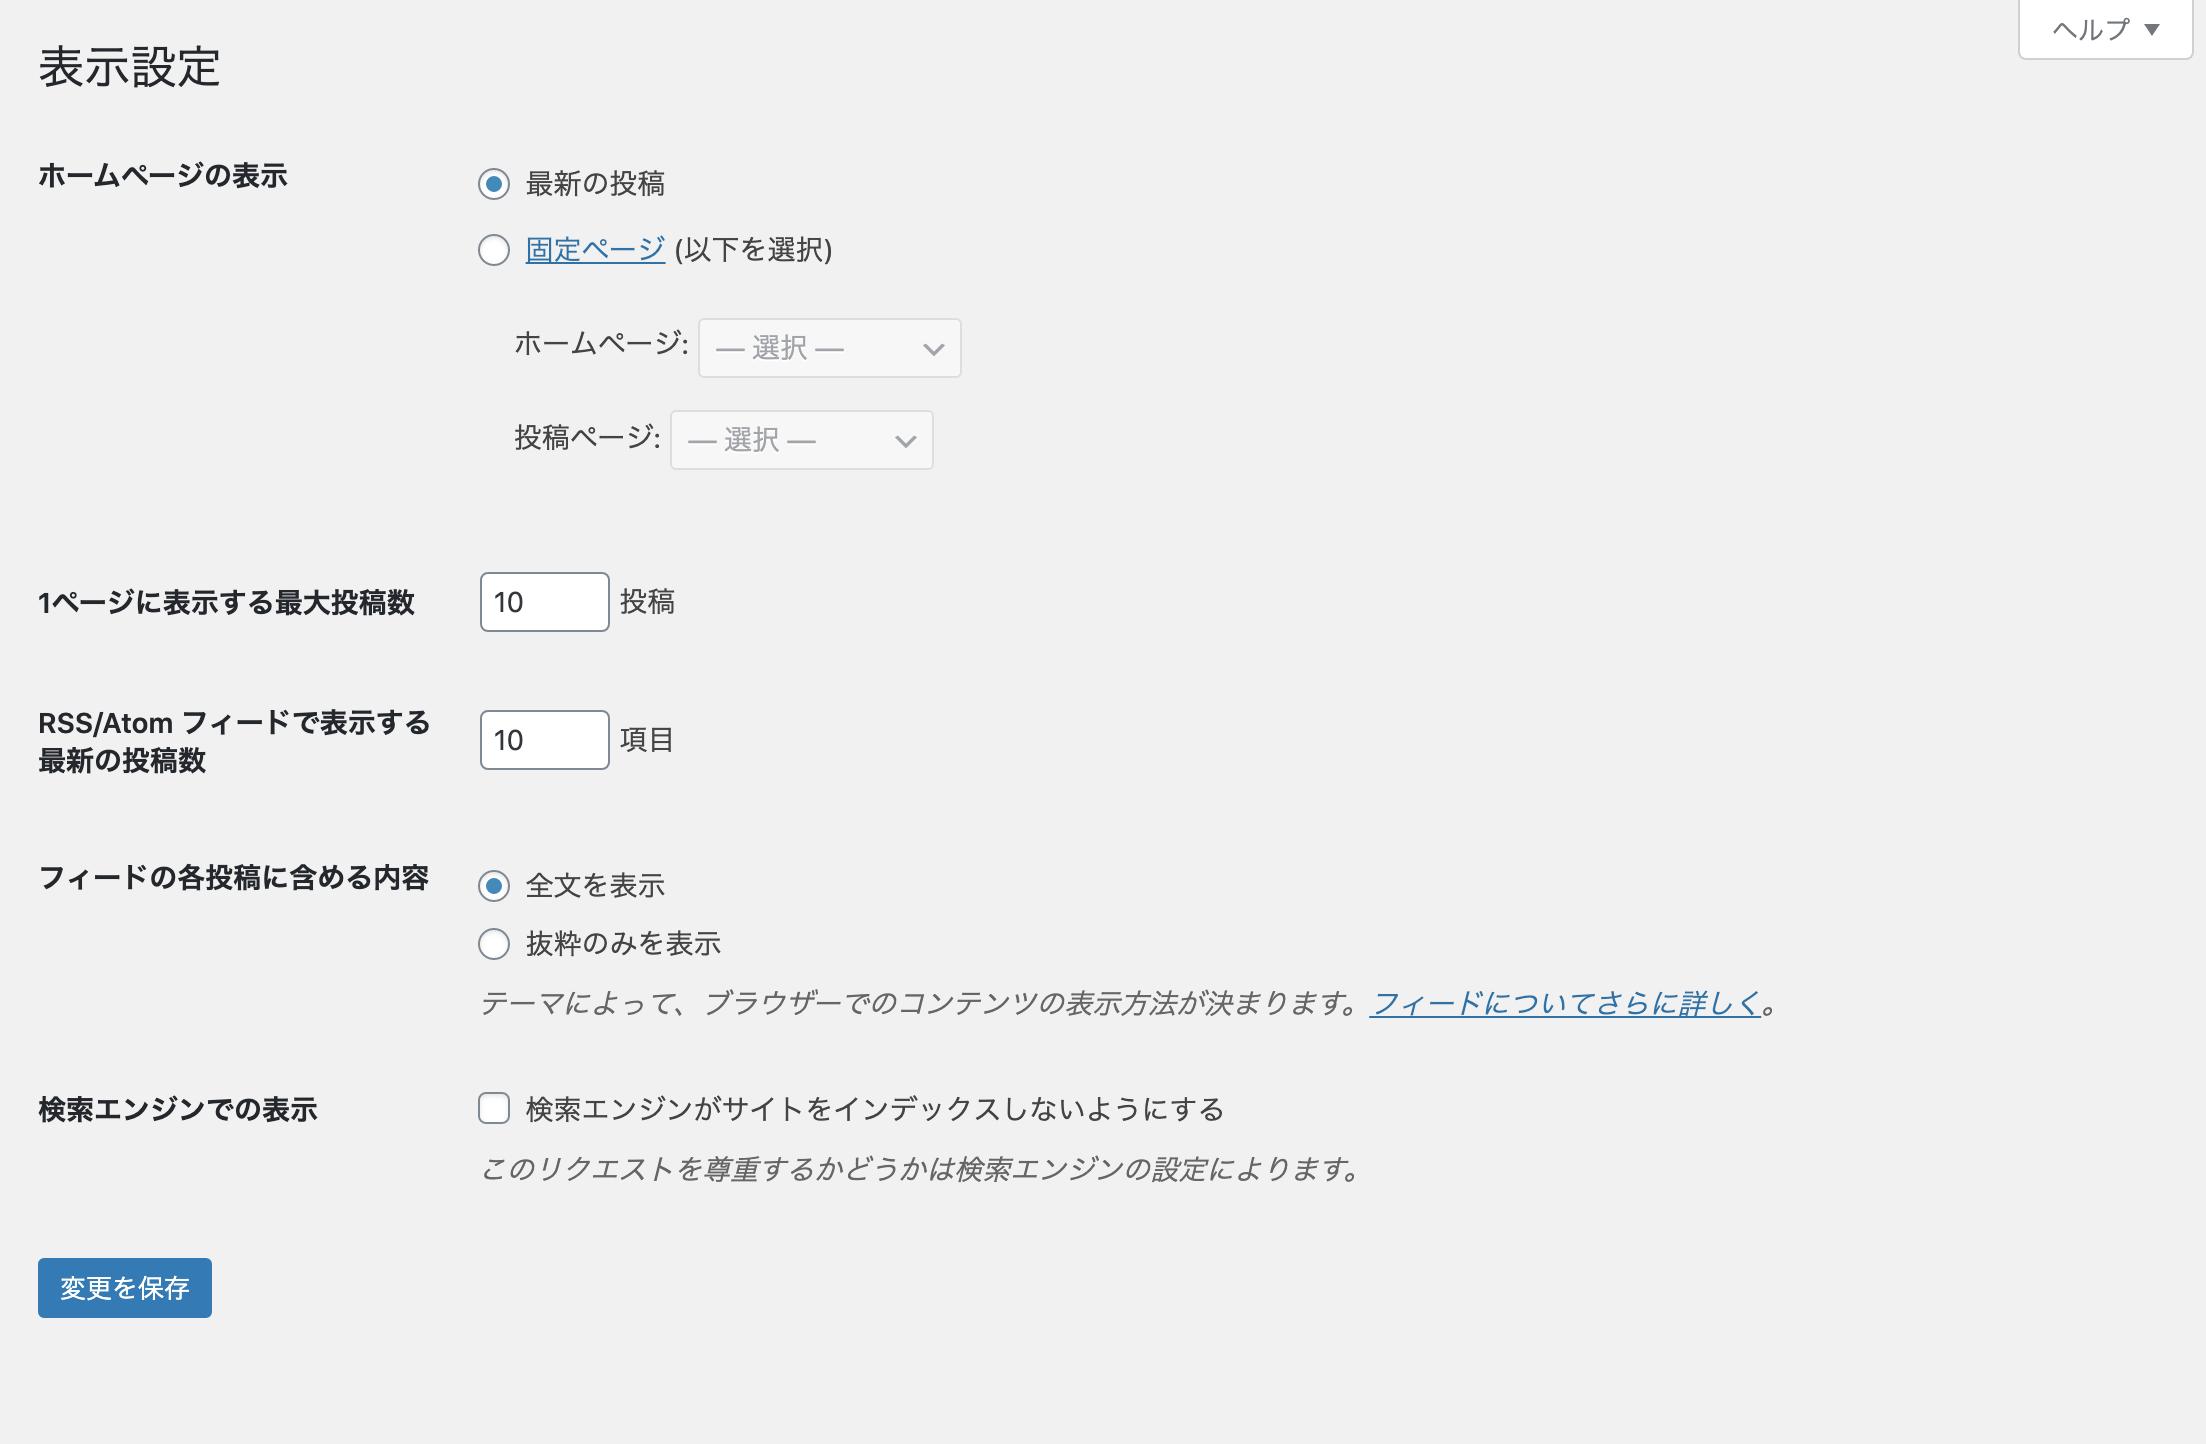 スクリーンショット 2020-05-13 19.25.11